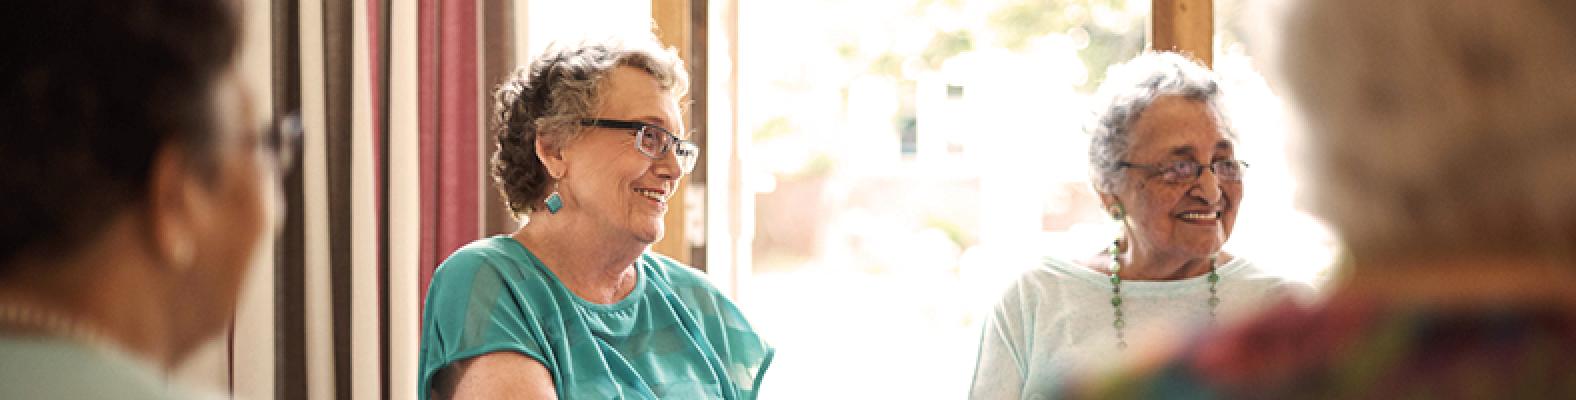 Patiëntenparticipatie als middel om de zorg te verbeteren